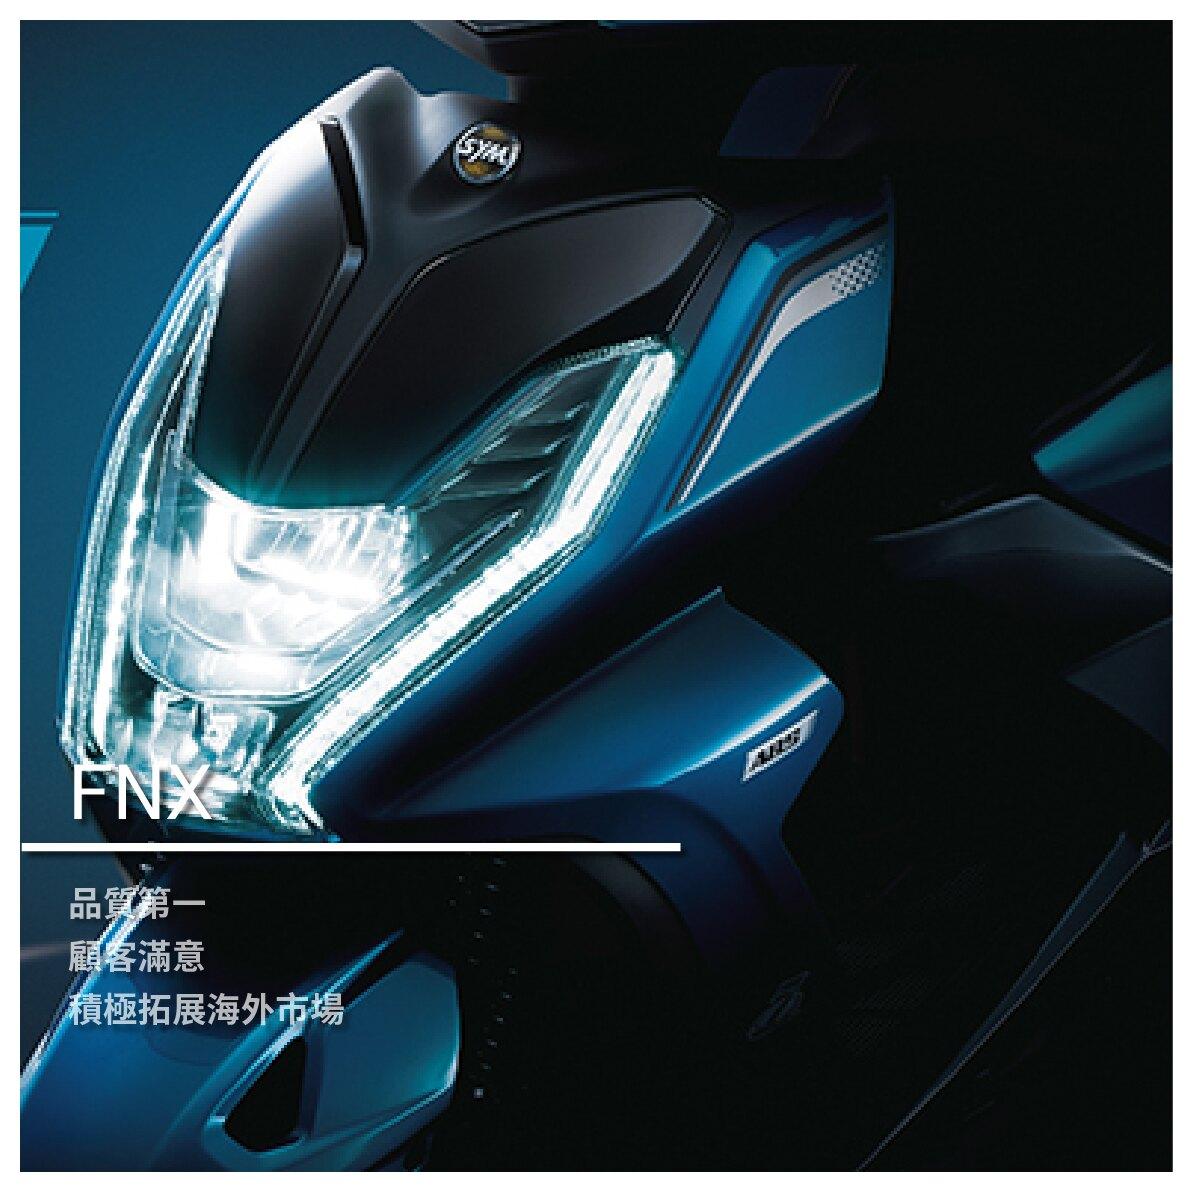 【SYM三陽機車-鋐安車業】FNXBT 125/96000起